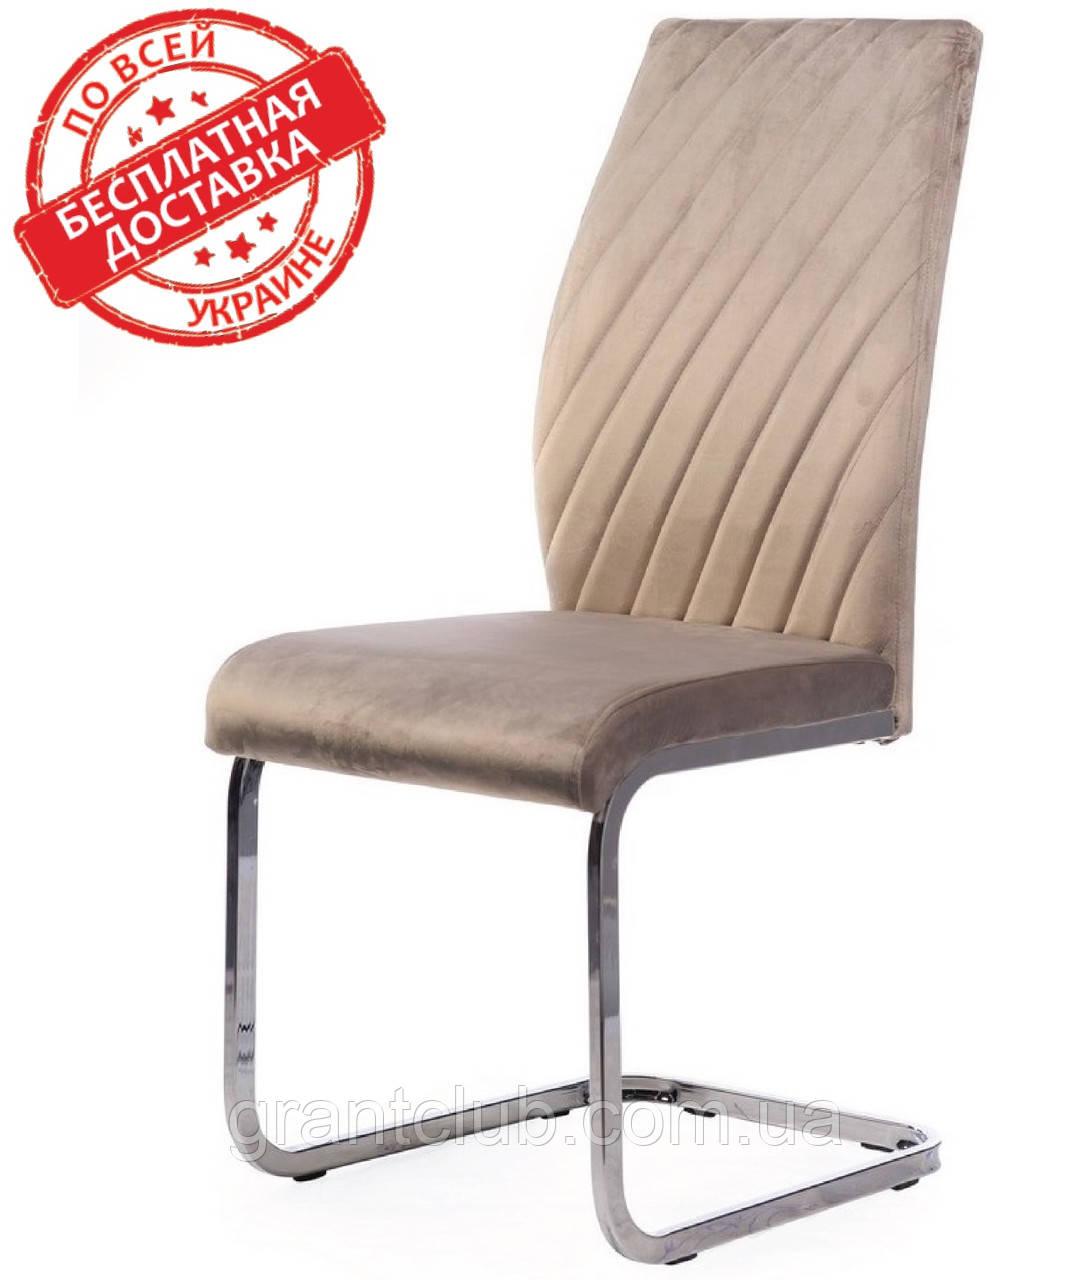 Мягкий стул S-118 капучино вельвет (бесплатная доставка)